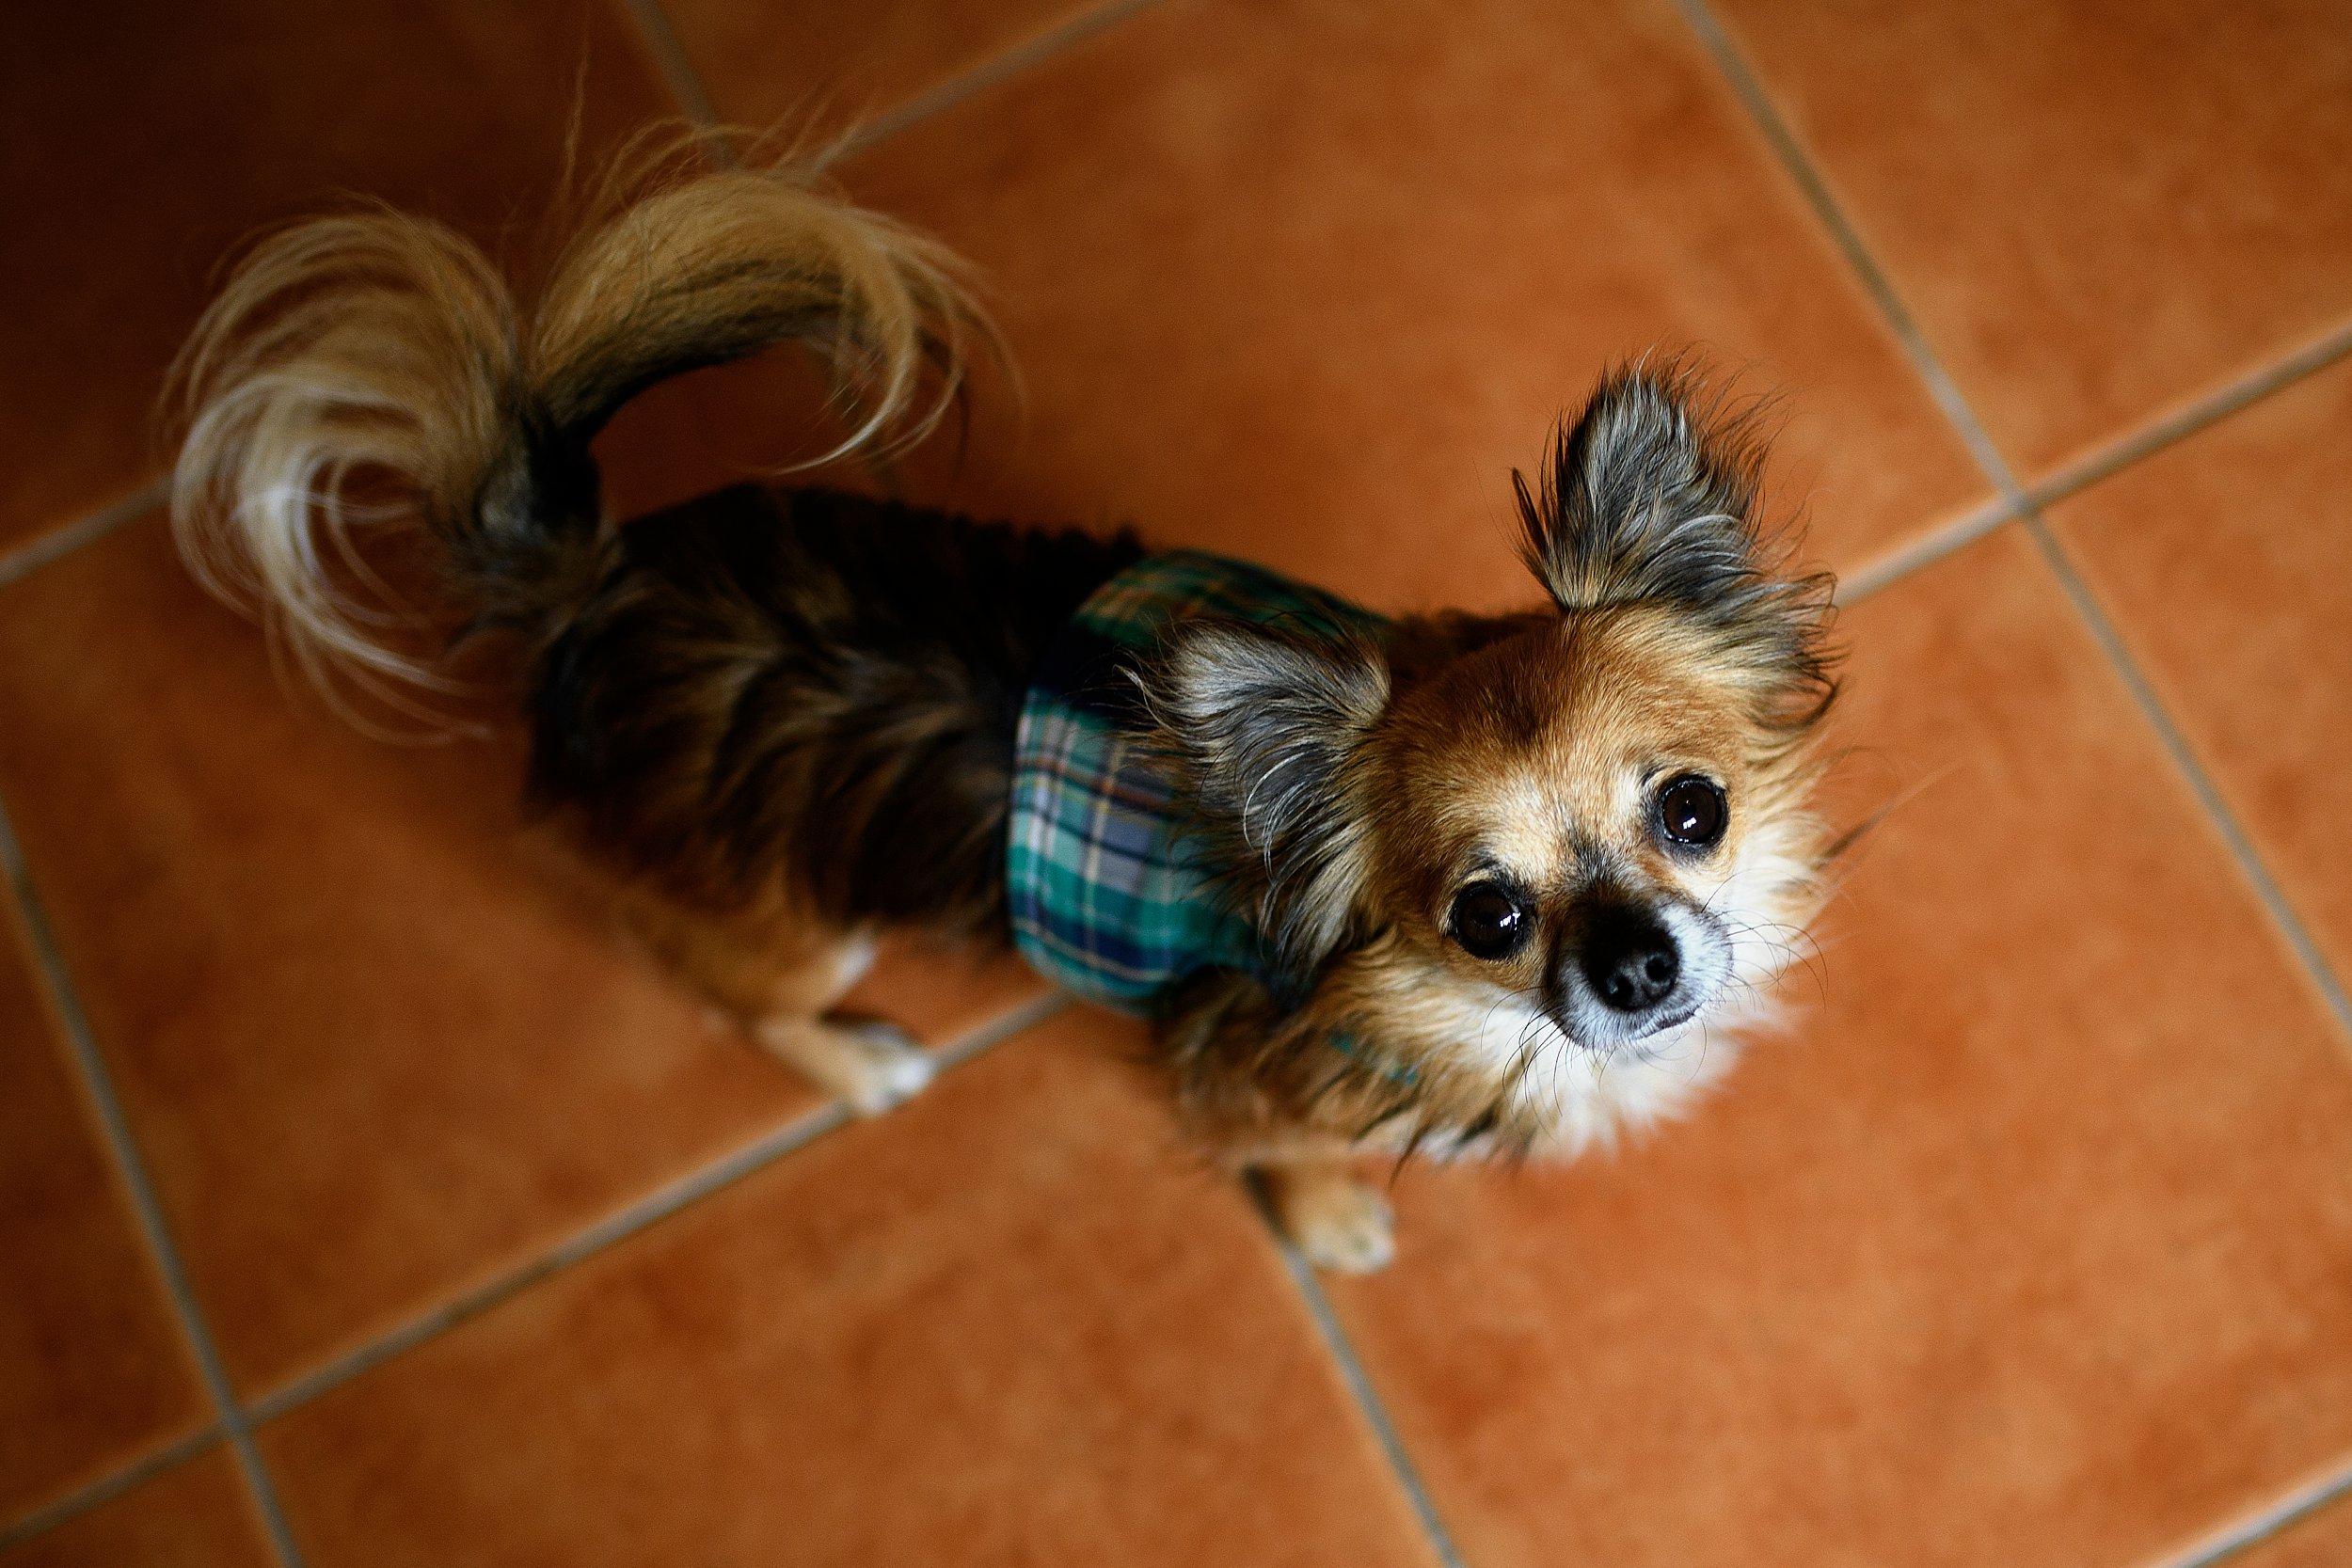 This is Zeus, he was very sweet!